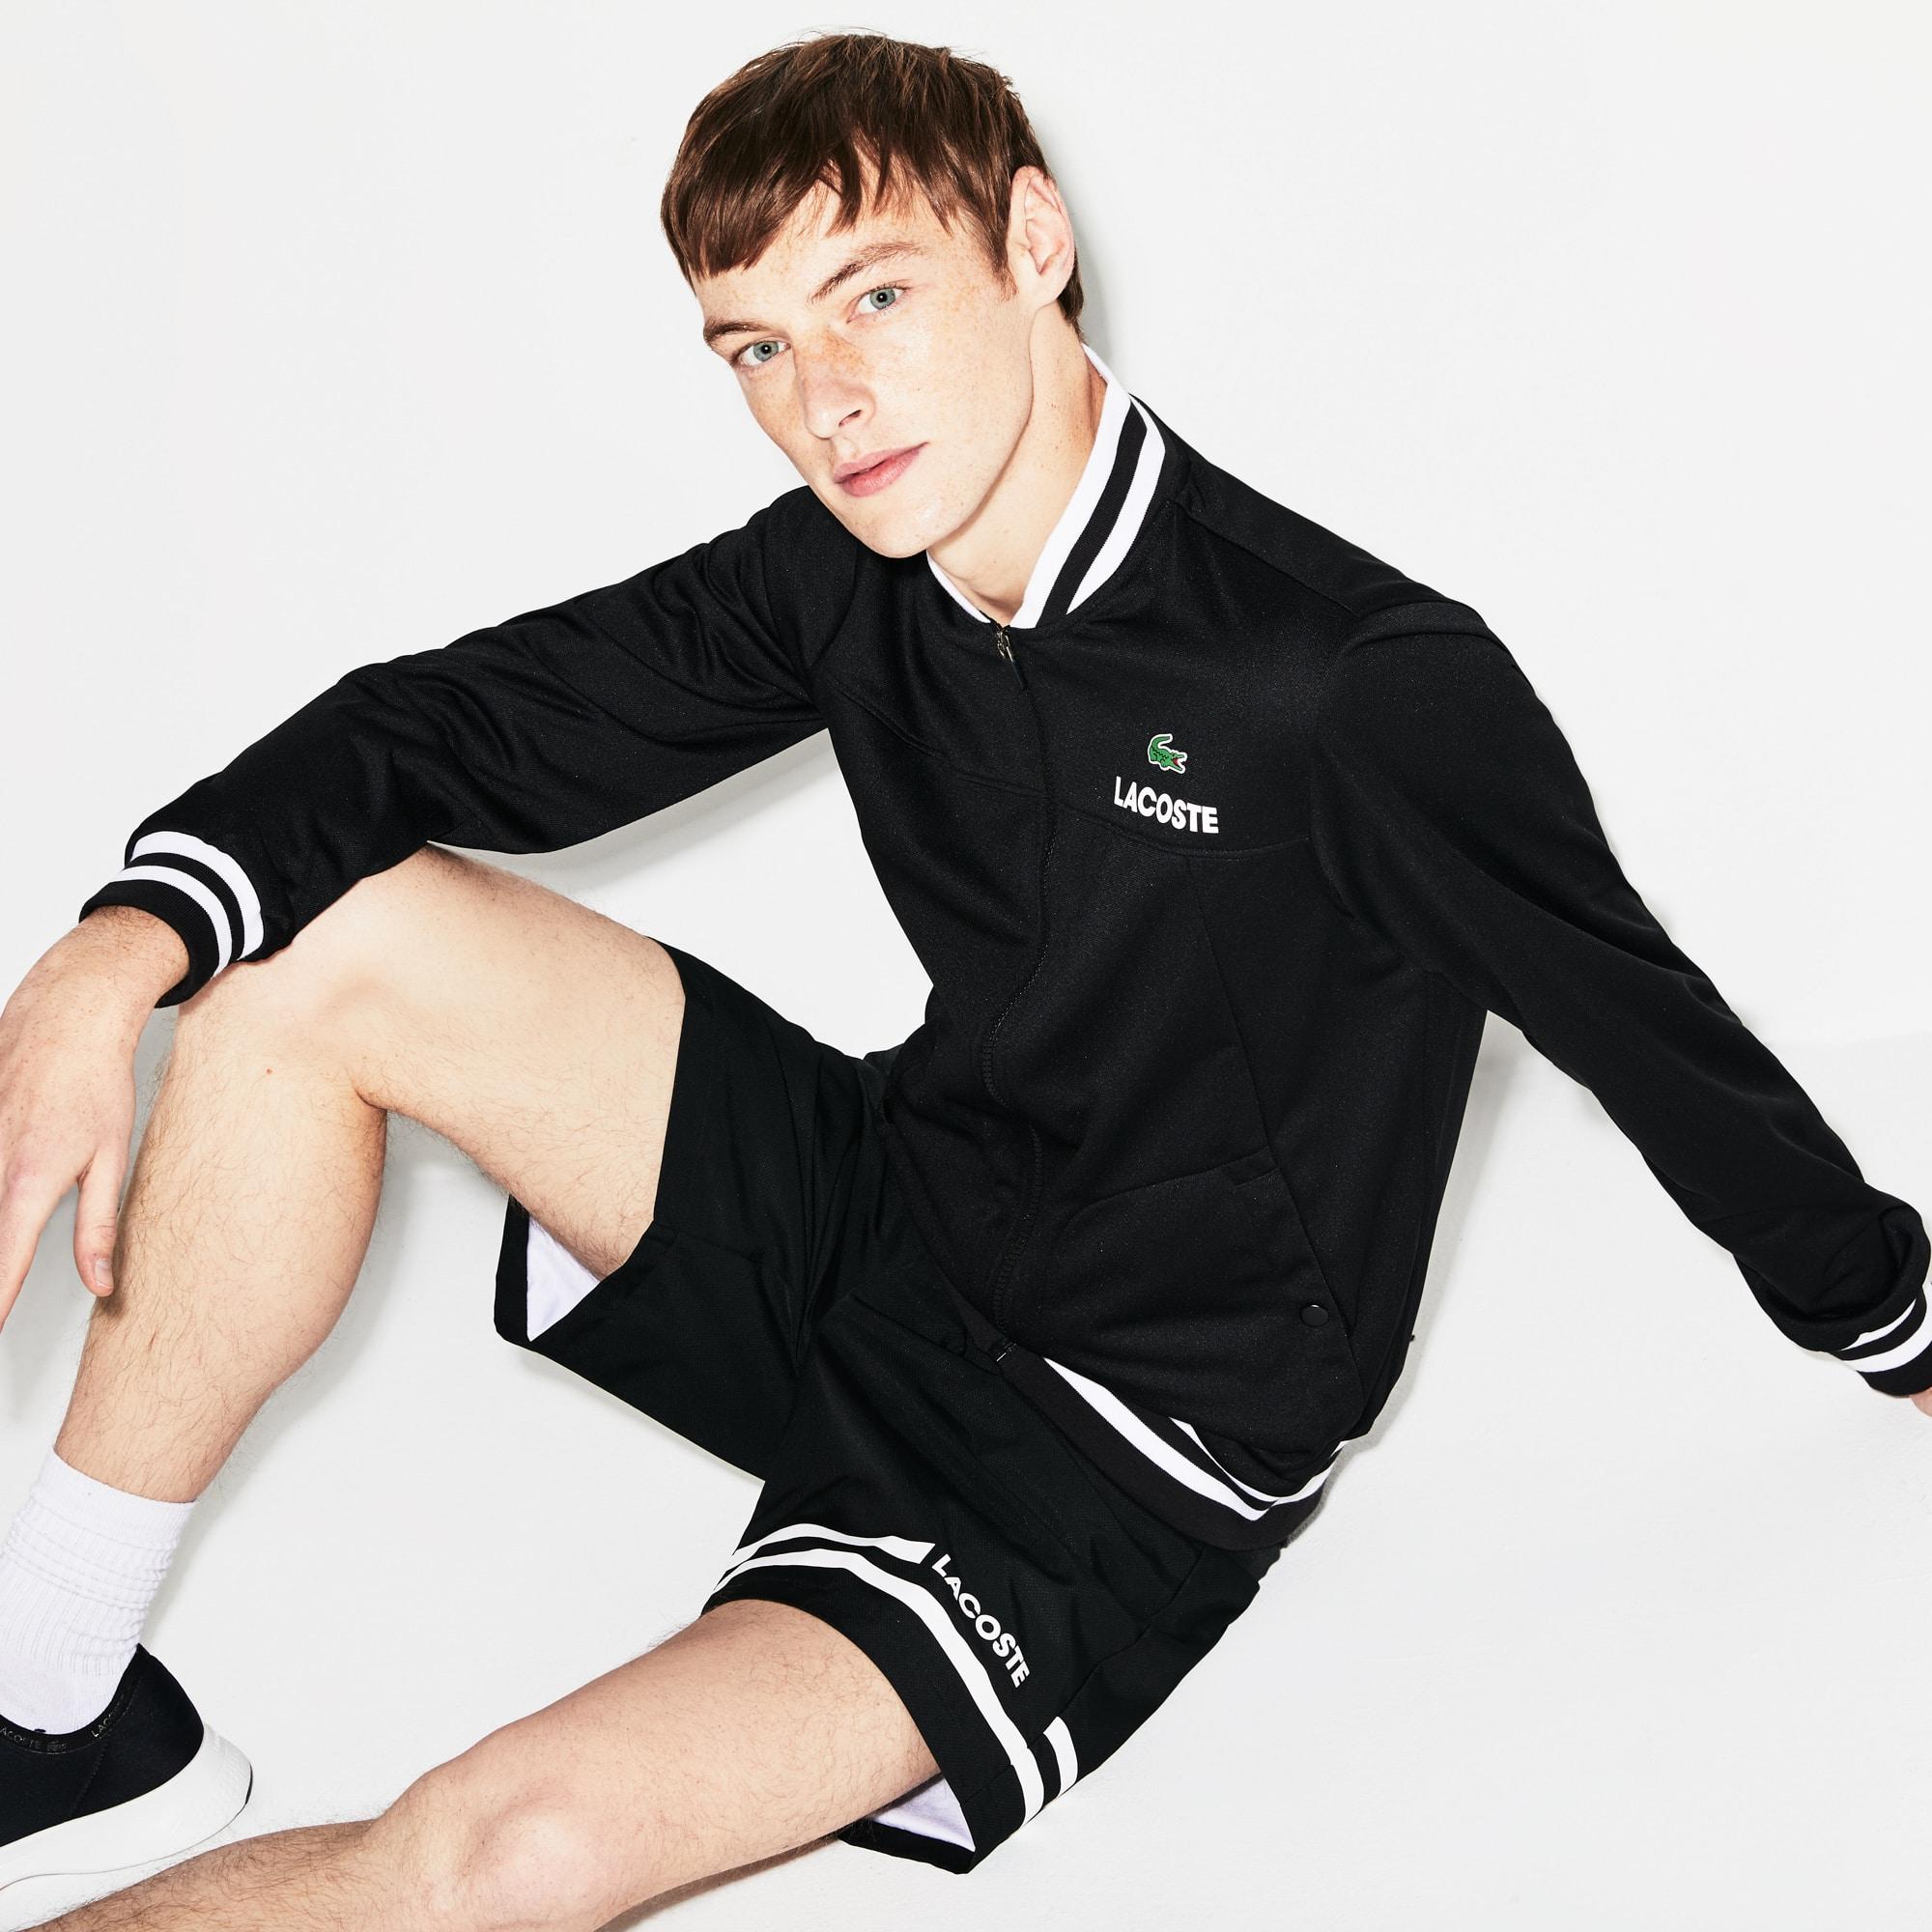 Men's Lacoste SPORT Technical Piqué Zip Tennis Jacket